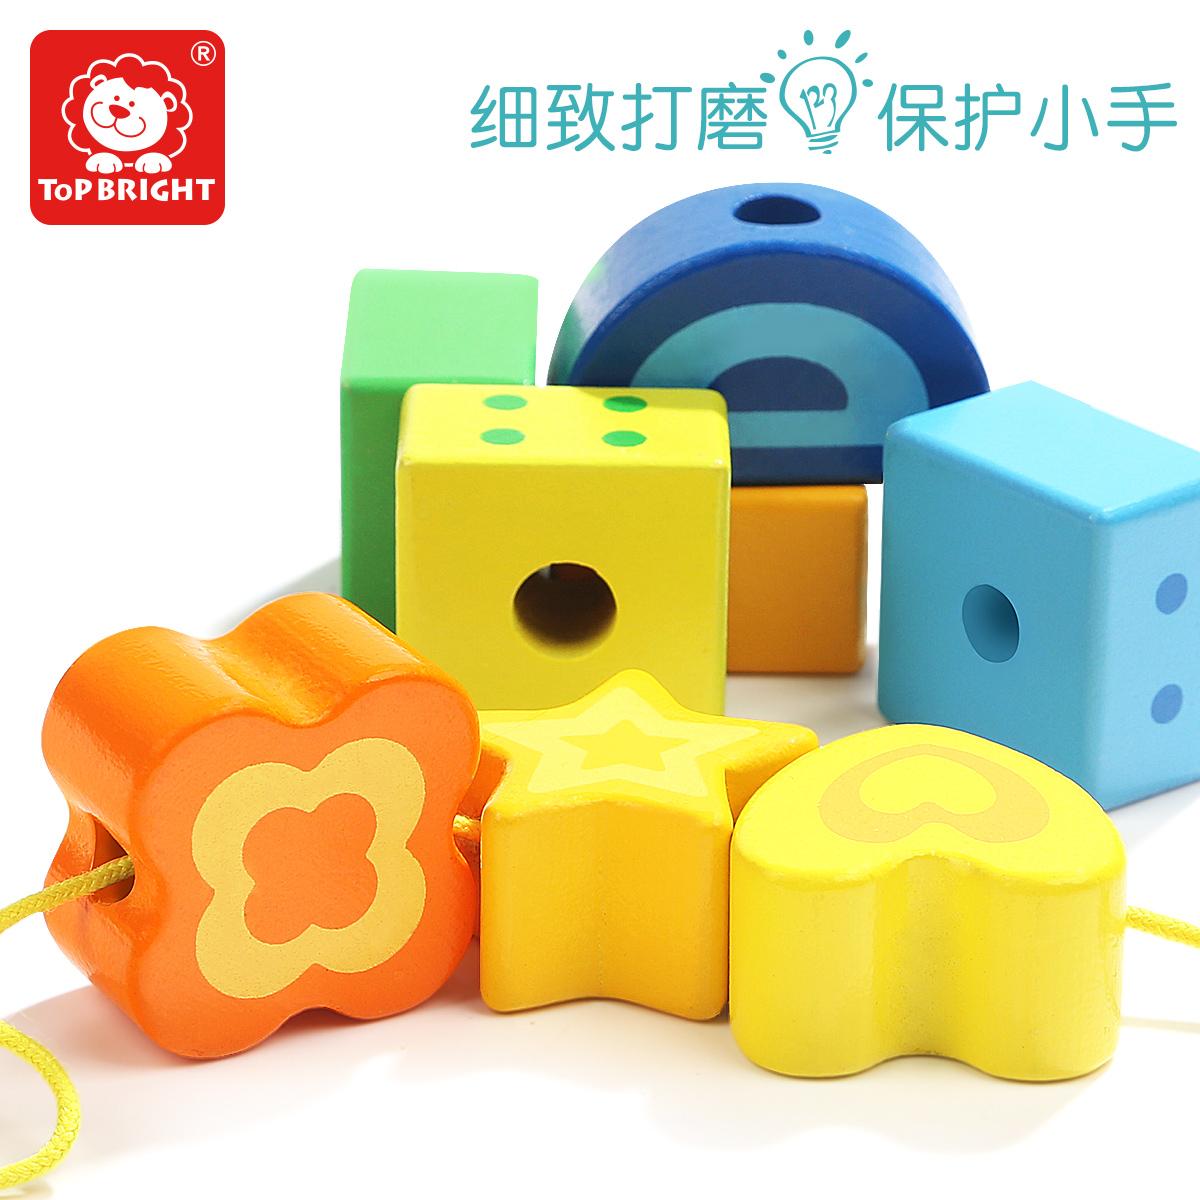 儿童串珠玩具积木益智穿珠子2-3-4周岁女孩宝宝早教婴儿宝宝礼物